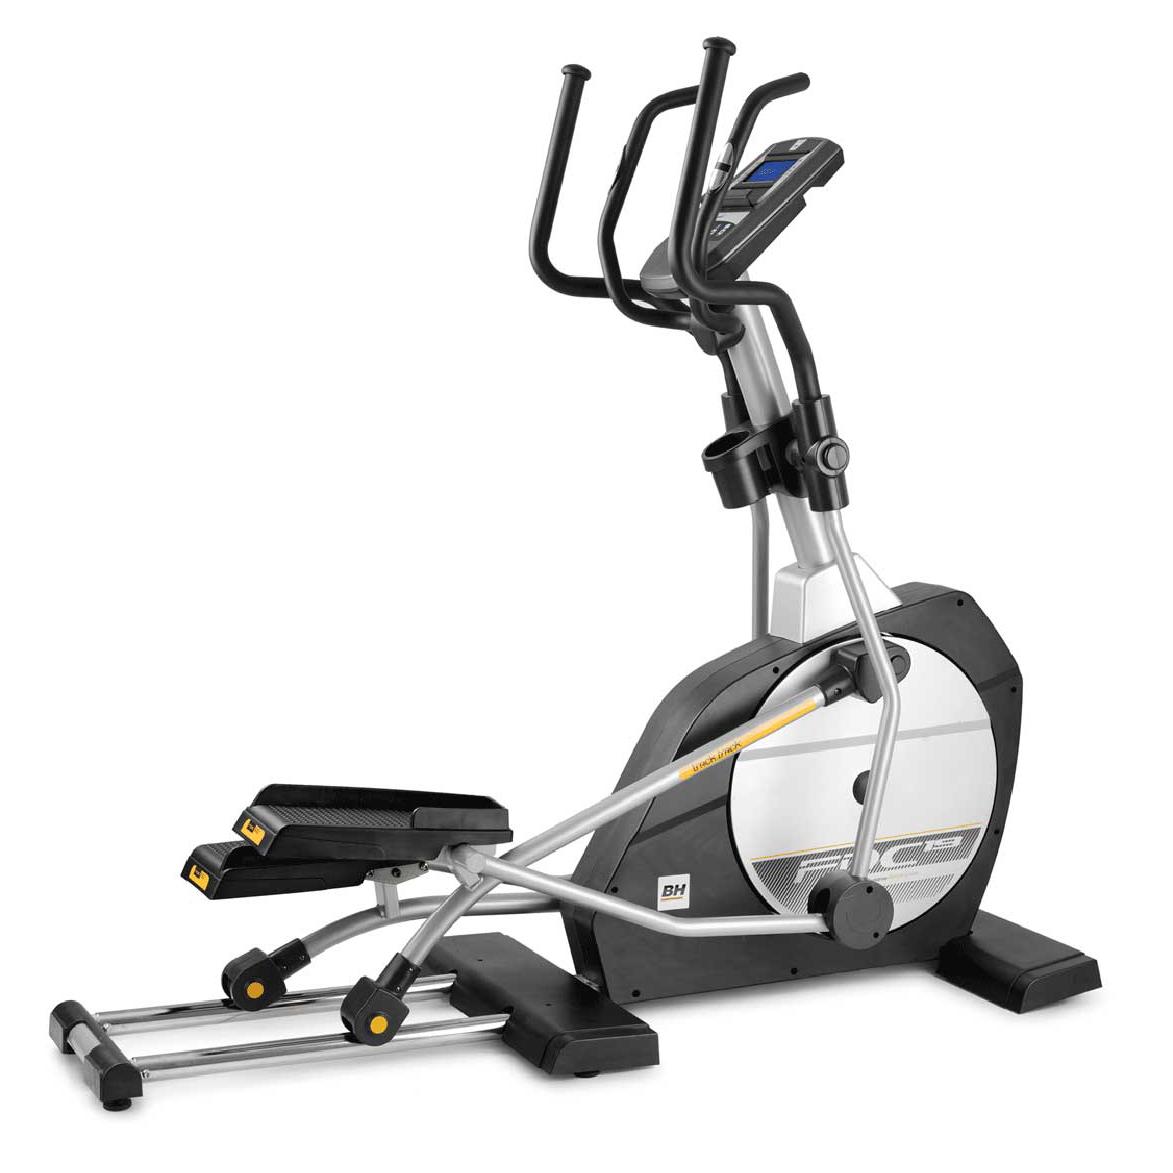 Vélo elliptique. Foulée 48cm.Distance entre pédales 14cm. I.Concept. i.FDC19. G860I